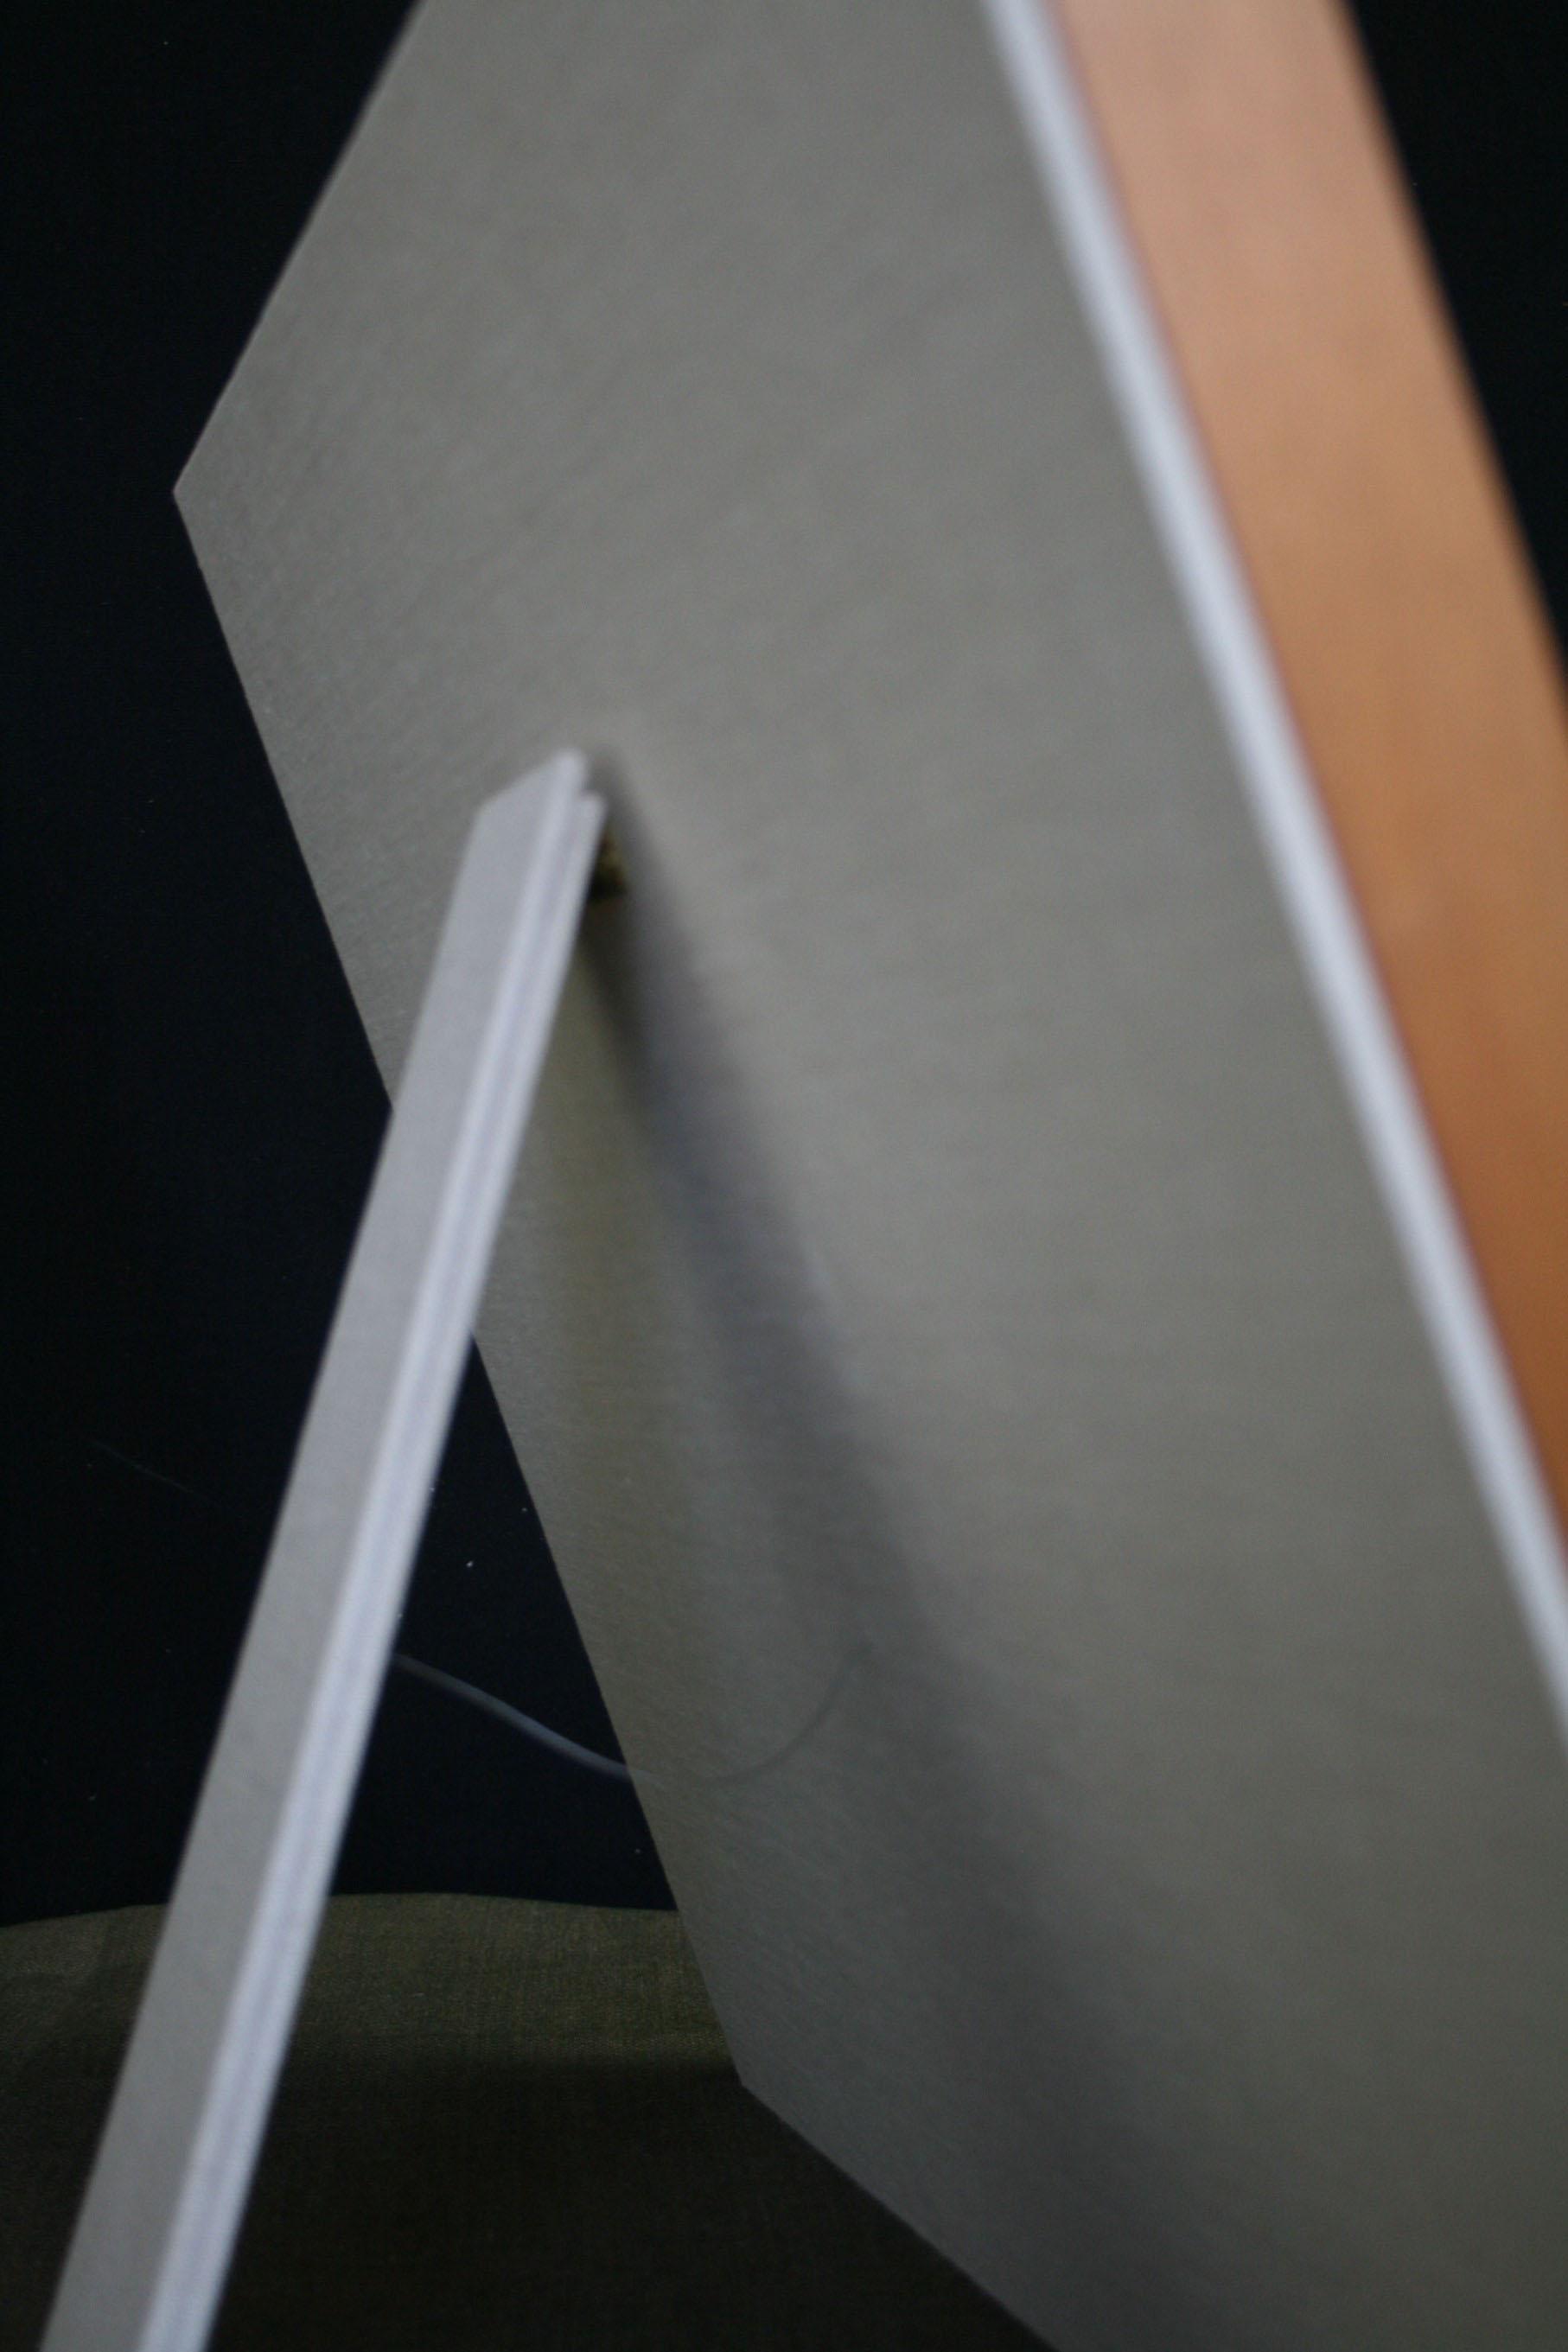 fabric-cov-easel-back-stand-1.jpg